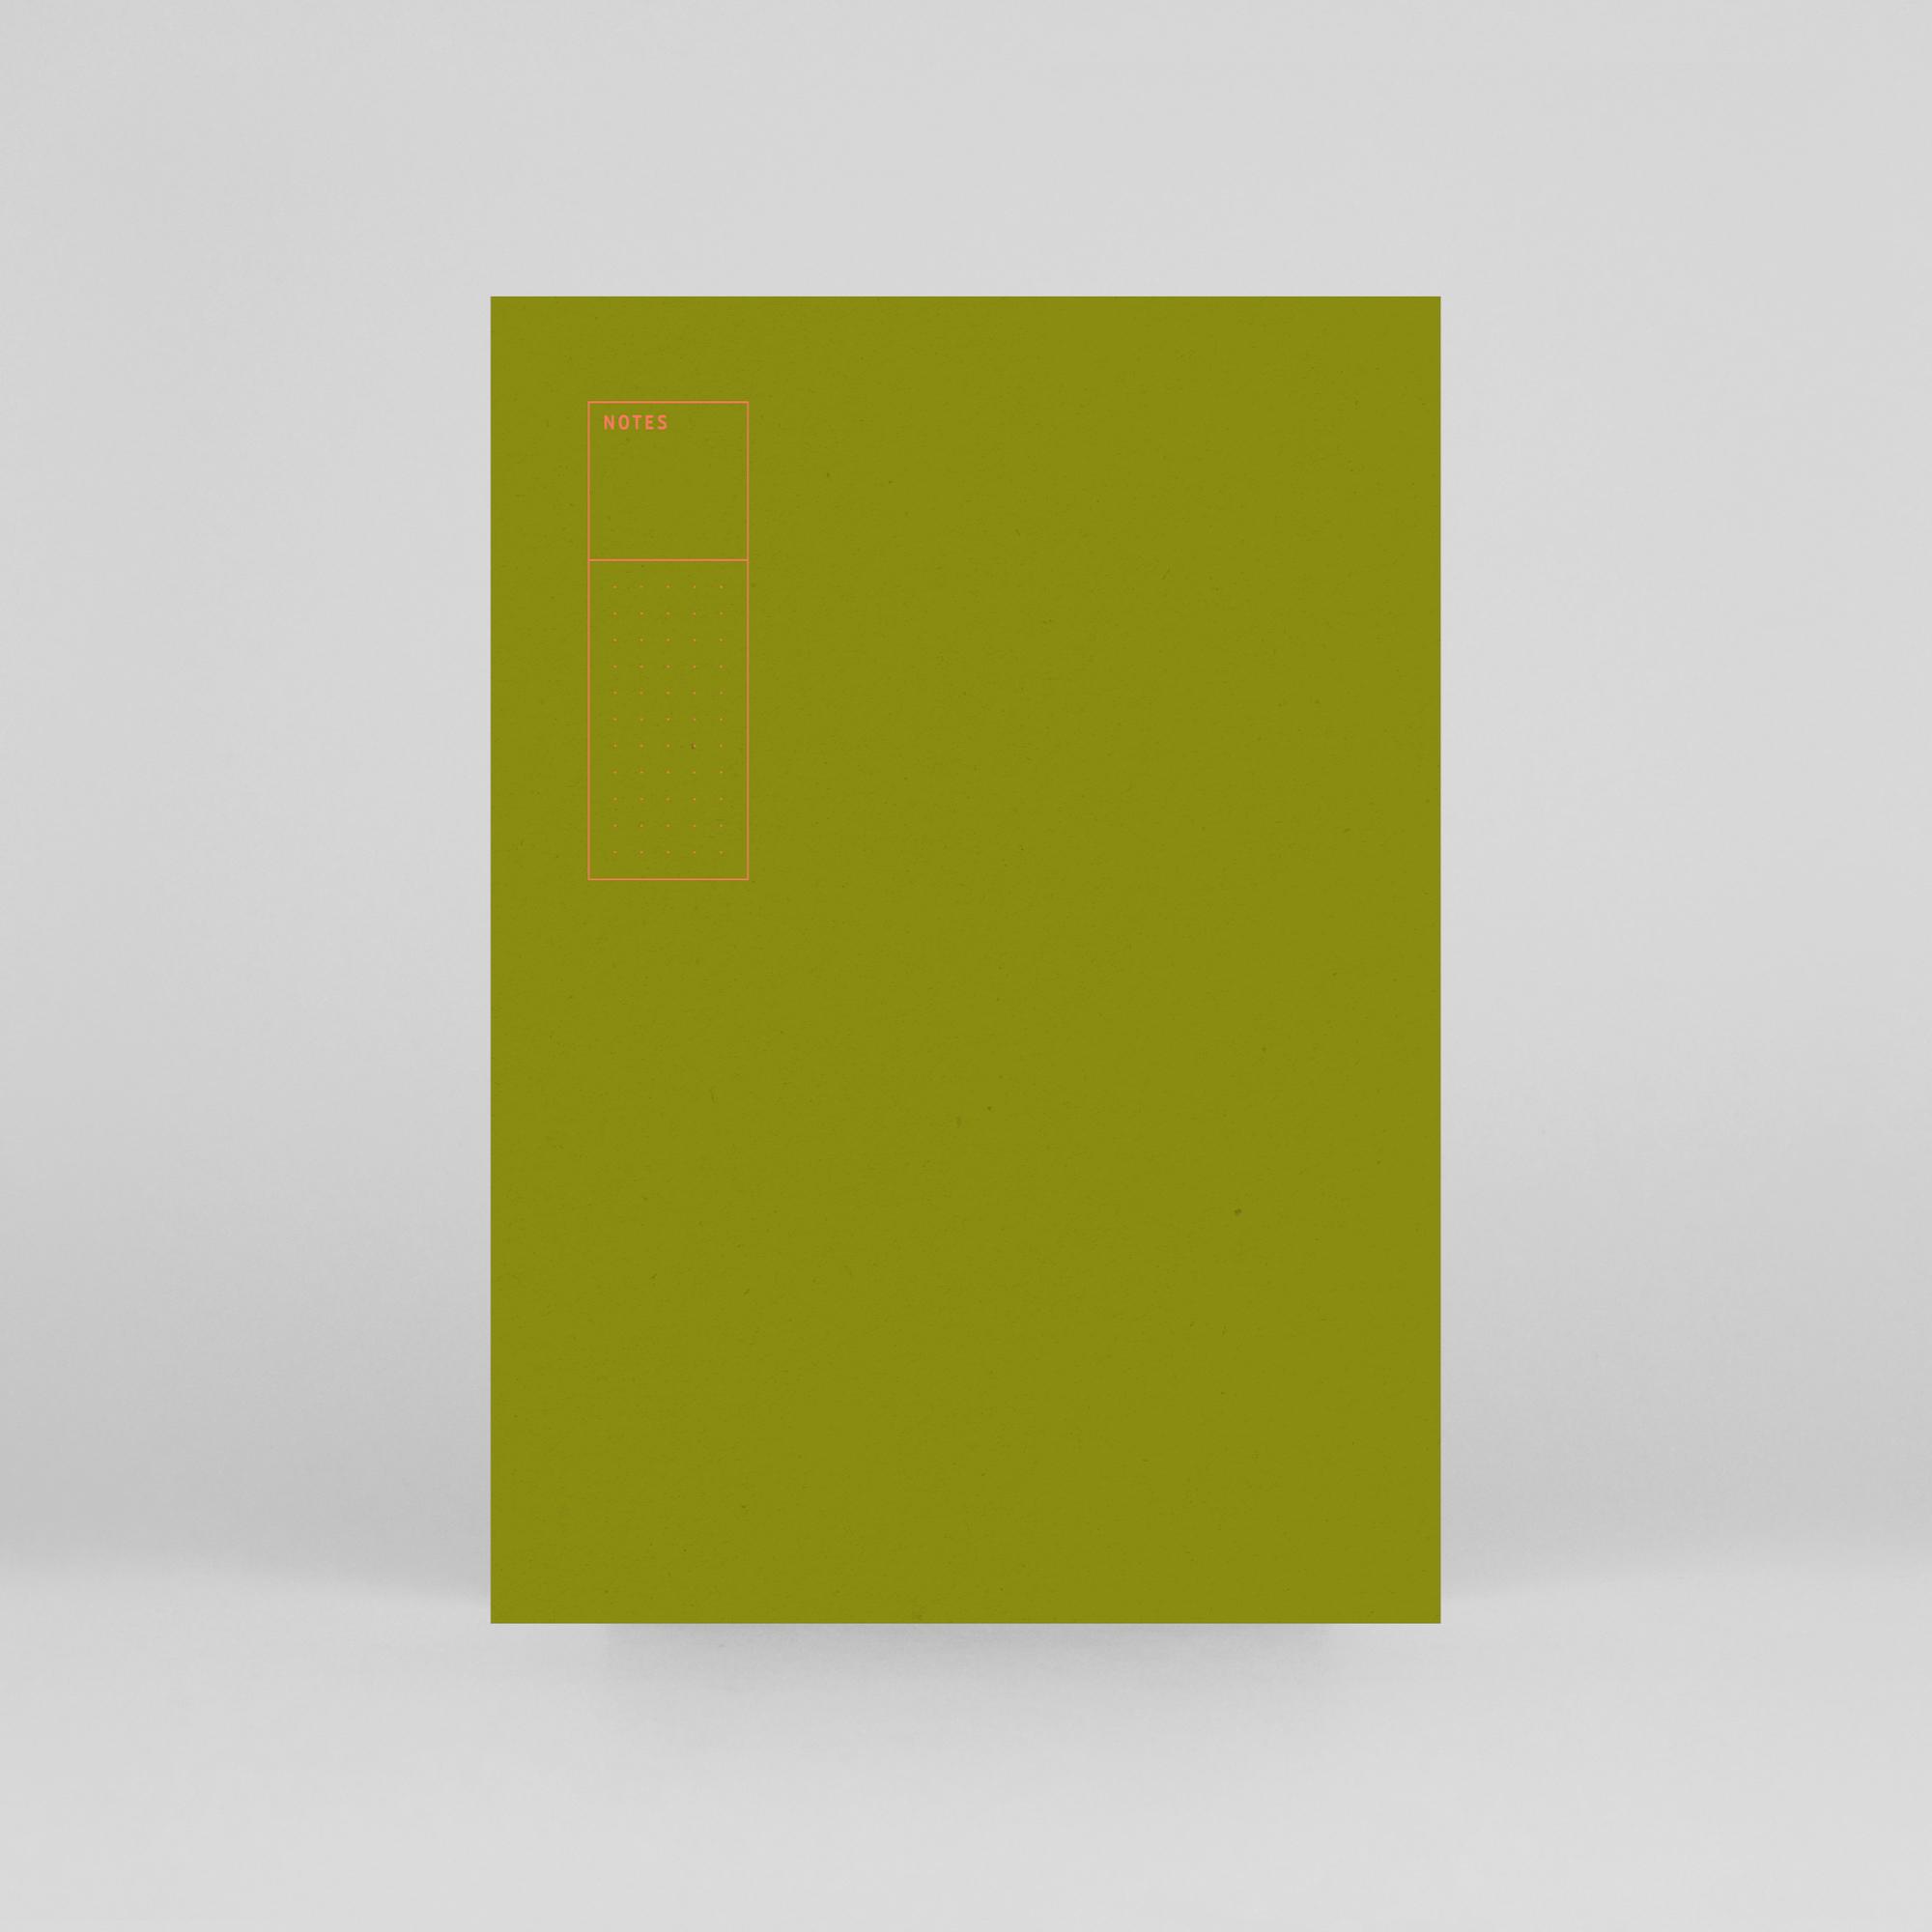 lekki_notebook_kiwi_00